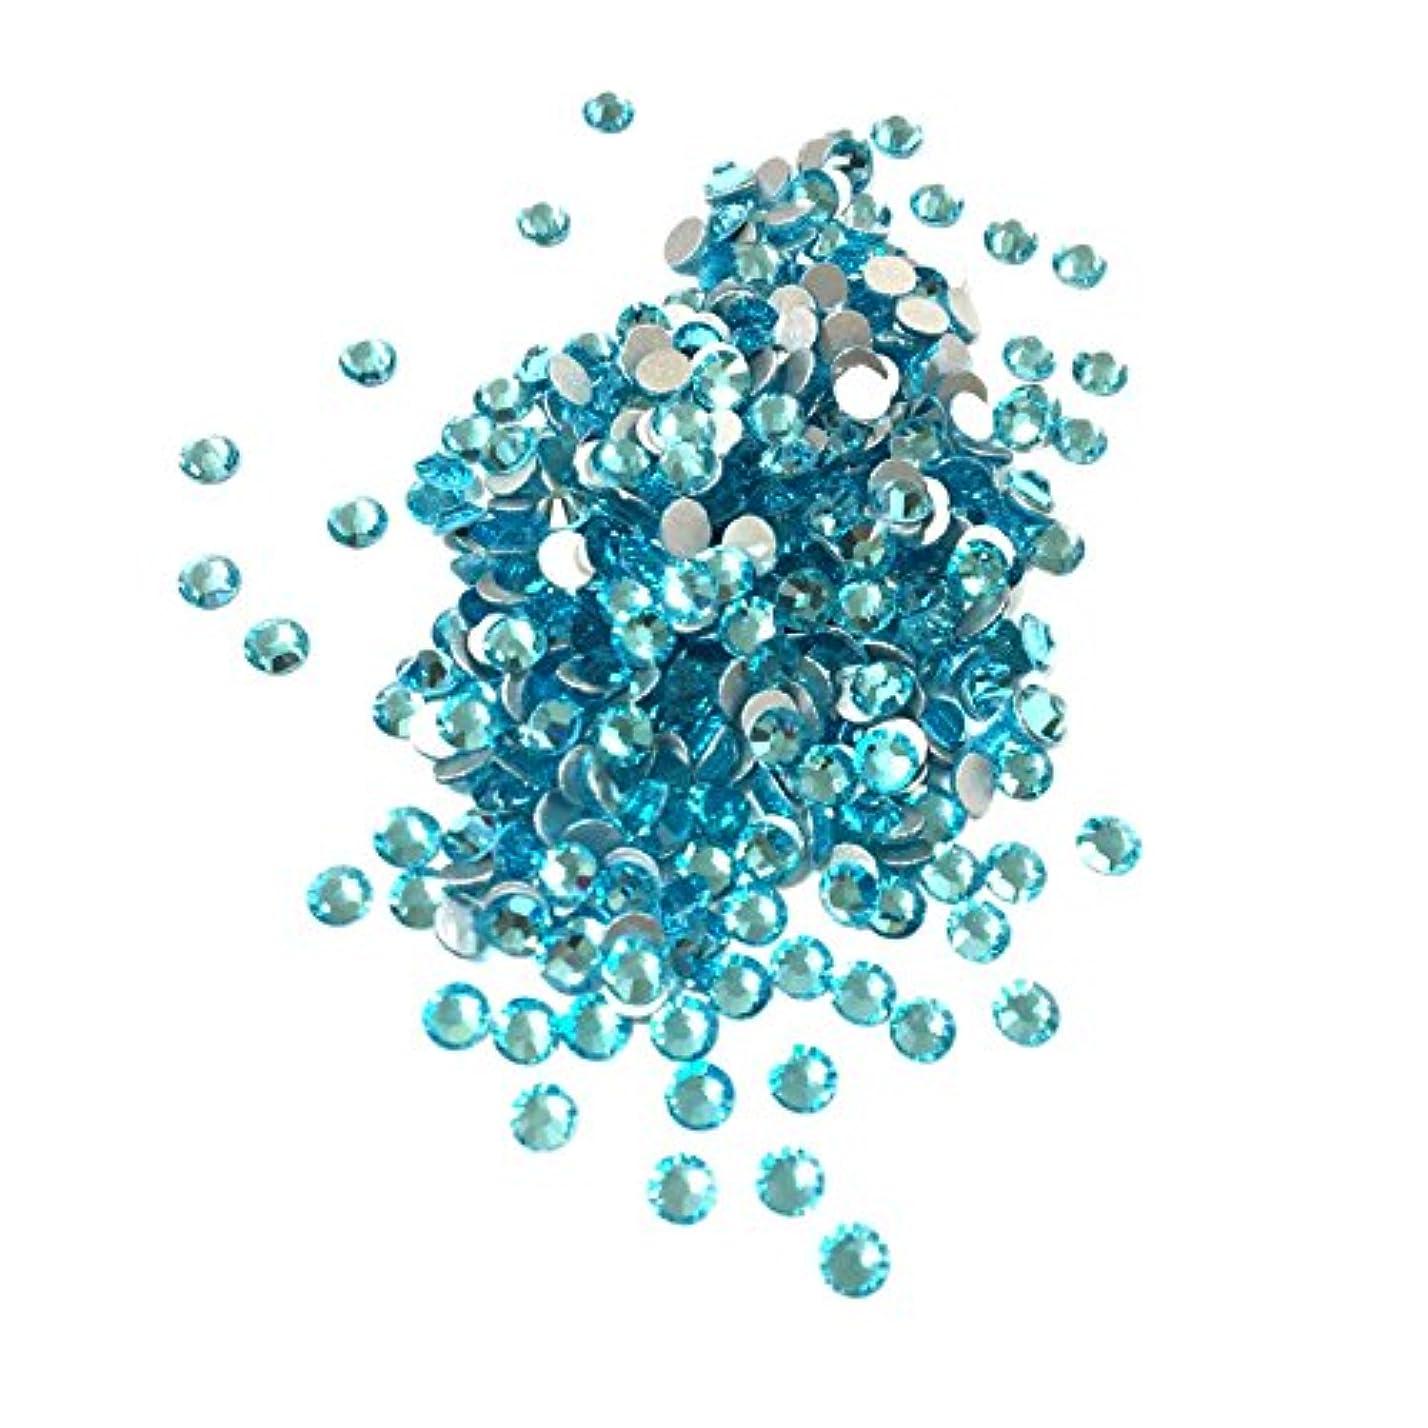 傾いた問い合わせるプログラム【ネイルウーマン】最高品質ガラスストーン!スワロ同等の輝き! アクアマリン 水色 ライトブルー (約100粒入り) (SS3, アクアマリン)